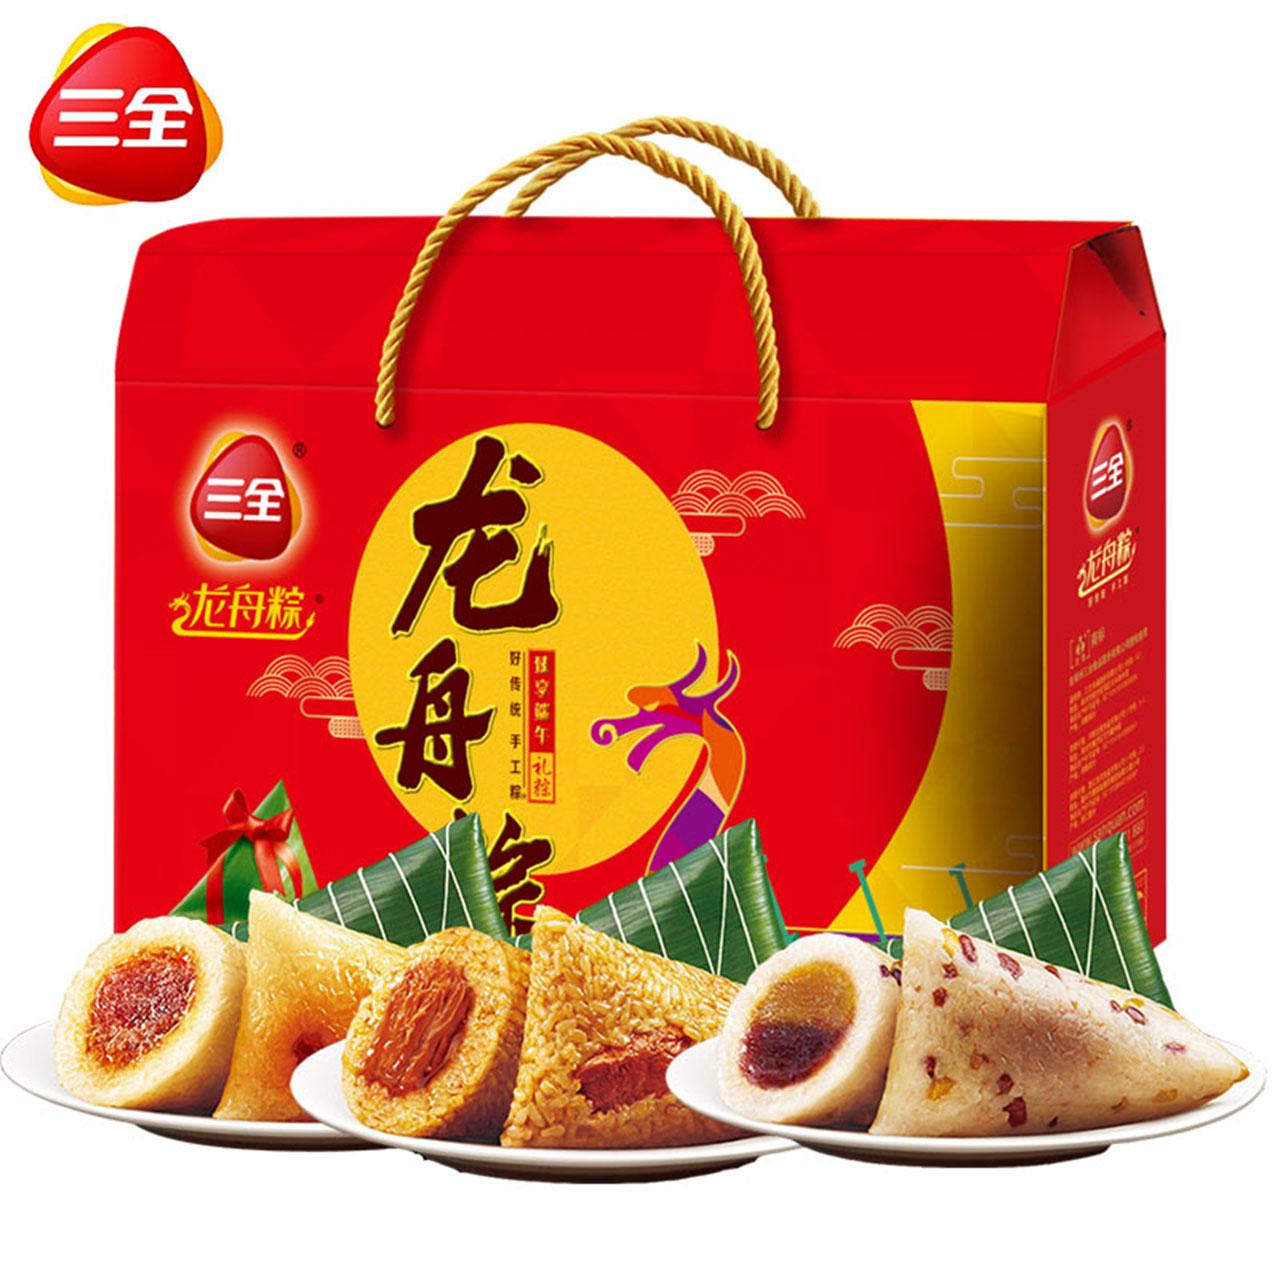 三全粽子礼盒装肉粽嘉兴粽子豆沙蜜枣粽端午甜粽散装特产鲜肉粽叶